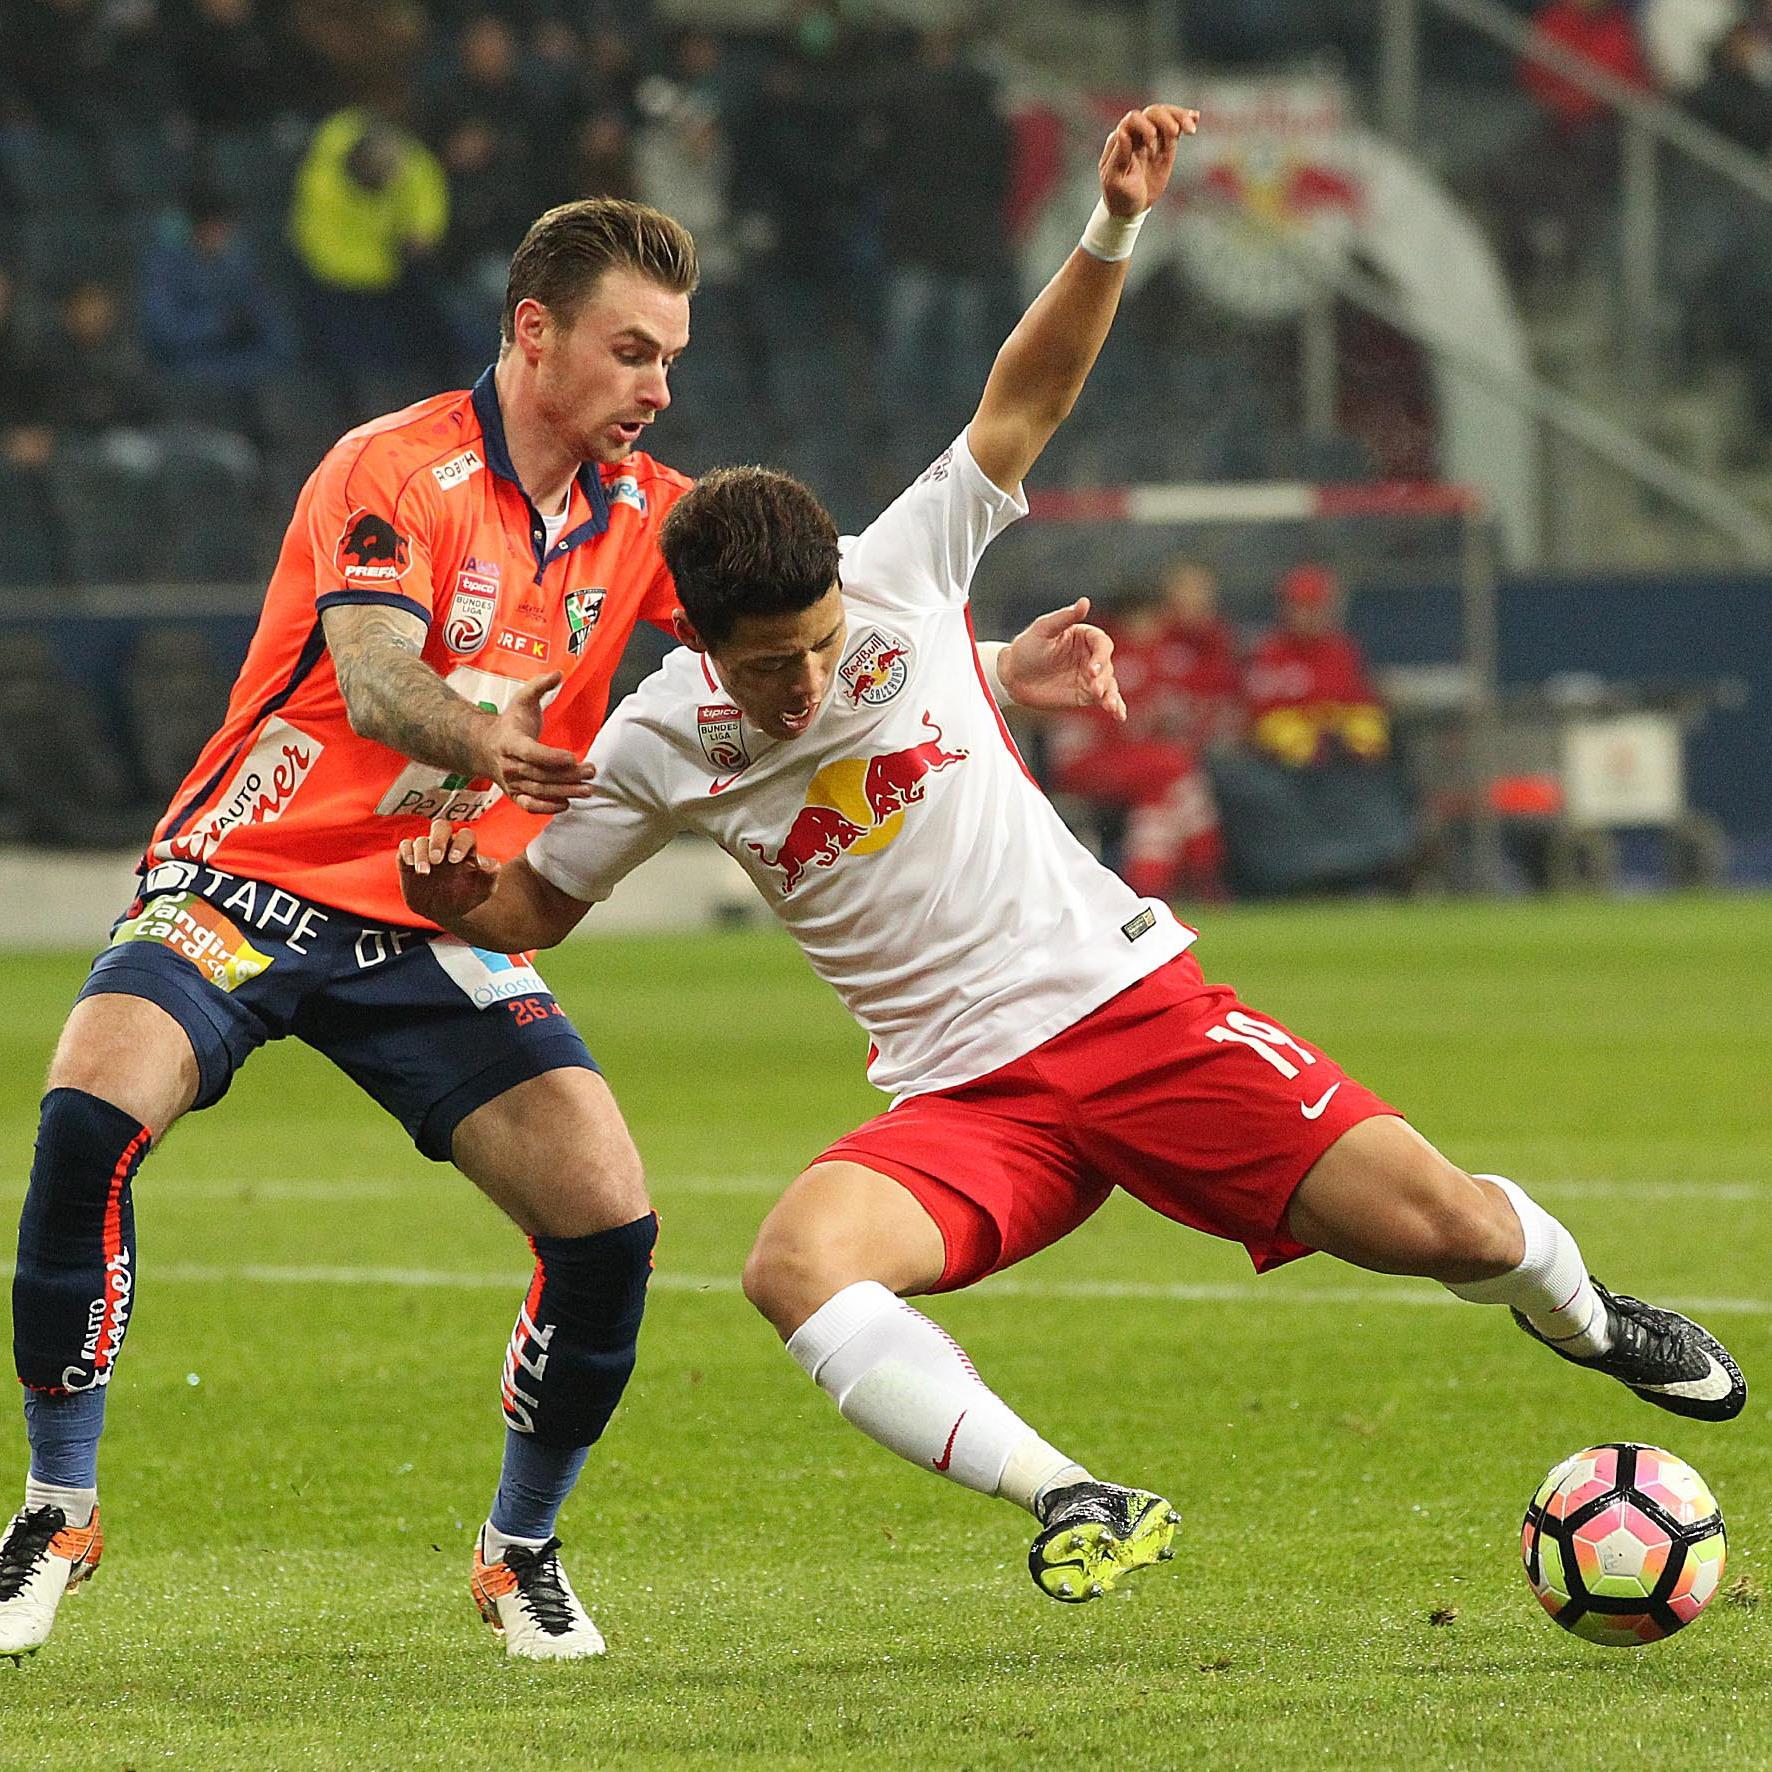 Der Live-Ticker zum Bundesliga-Spiel zwischen Wolfsberger AC und Red Bull Salzburg.